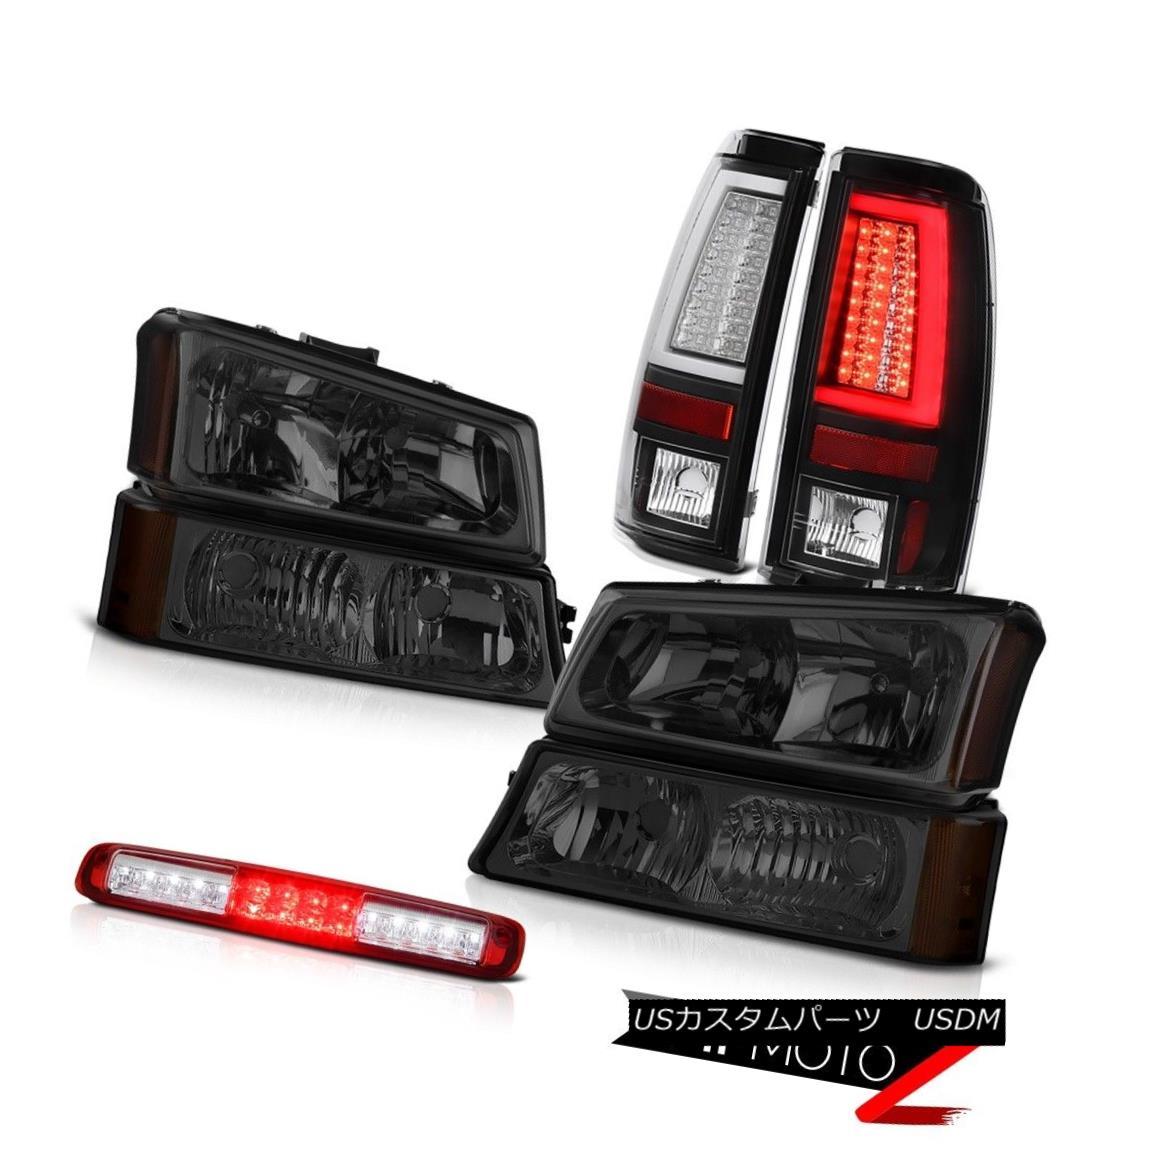 ヘッドライト 03-06 Chevy Silverado Black Taillamps Dark Smoke Signal Lamp 3RD Brake Headlamps 03-06 Chevy Silverado Black Taillampsダークスモークシグナルランプ3RDブレーキヘッドランプ